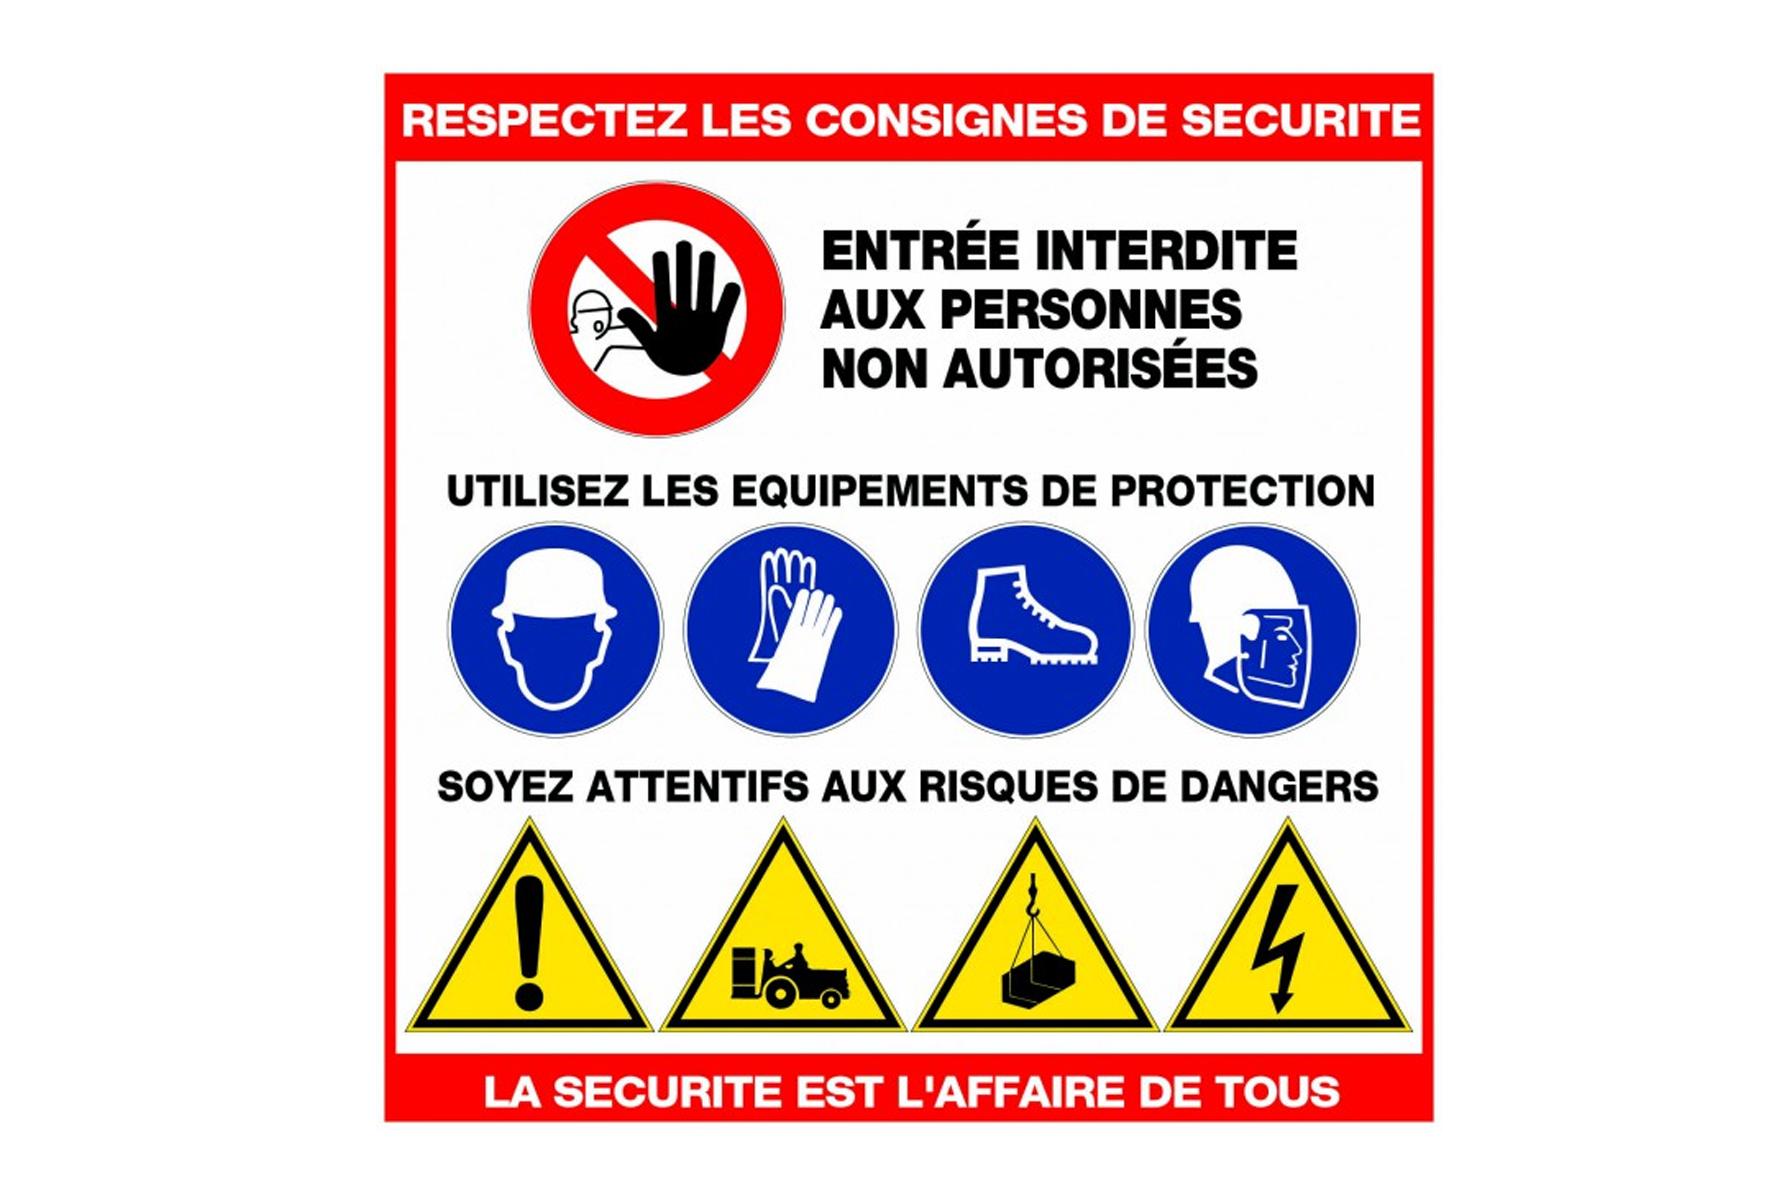 Panneau Chantier Respectez Securite Pt Achat En Ligne